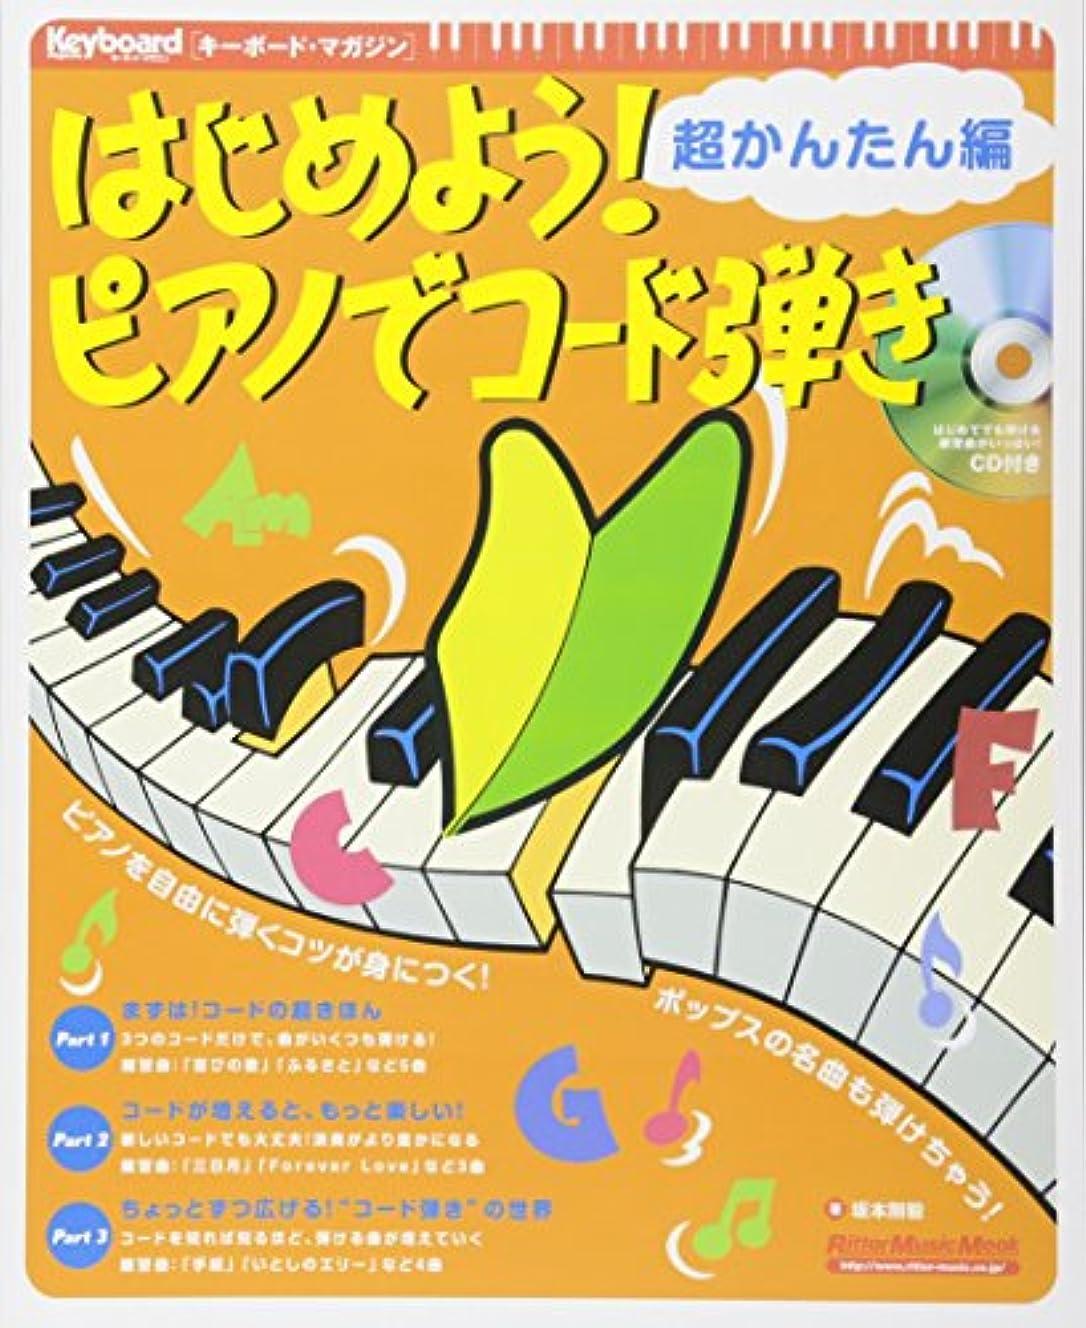 誘惑識別落ちたはじめよう! ピアノでコード弾き 超かんたん編 (CD付) (キーボード?マガジン)